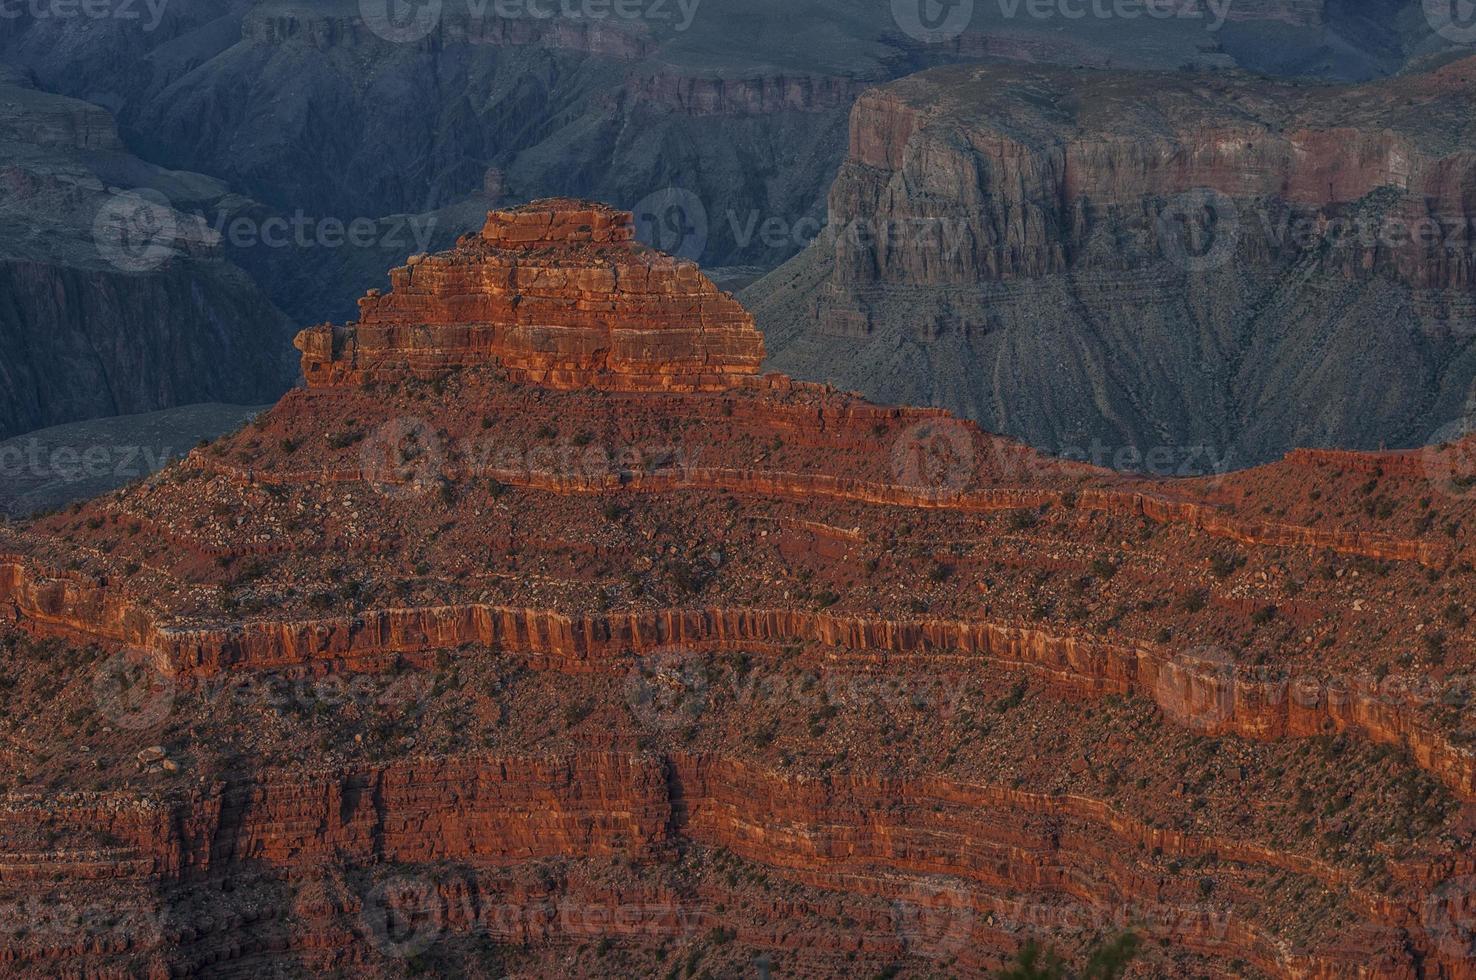 formazione rocciosa del Grand Canyon foto